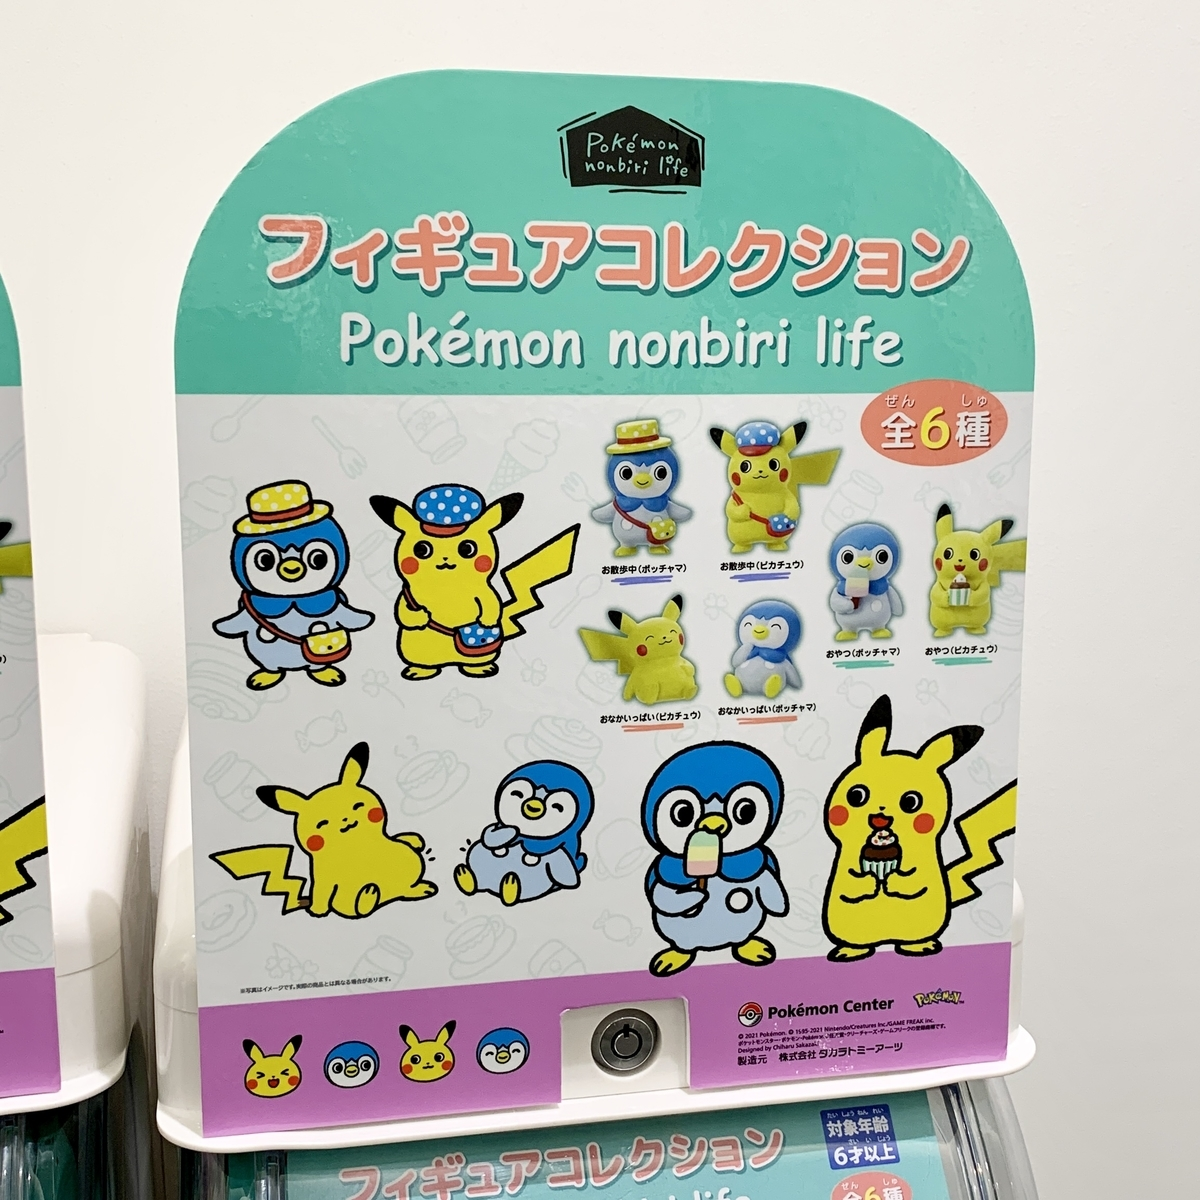 f:id:pikachu_pcn:20210207085152j:plain